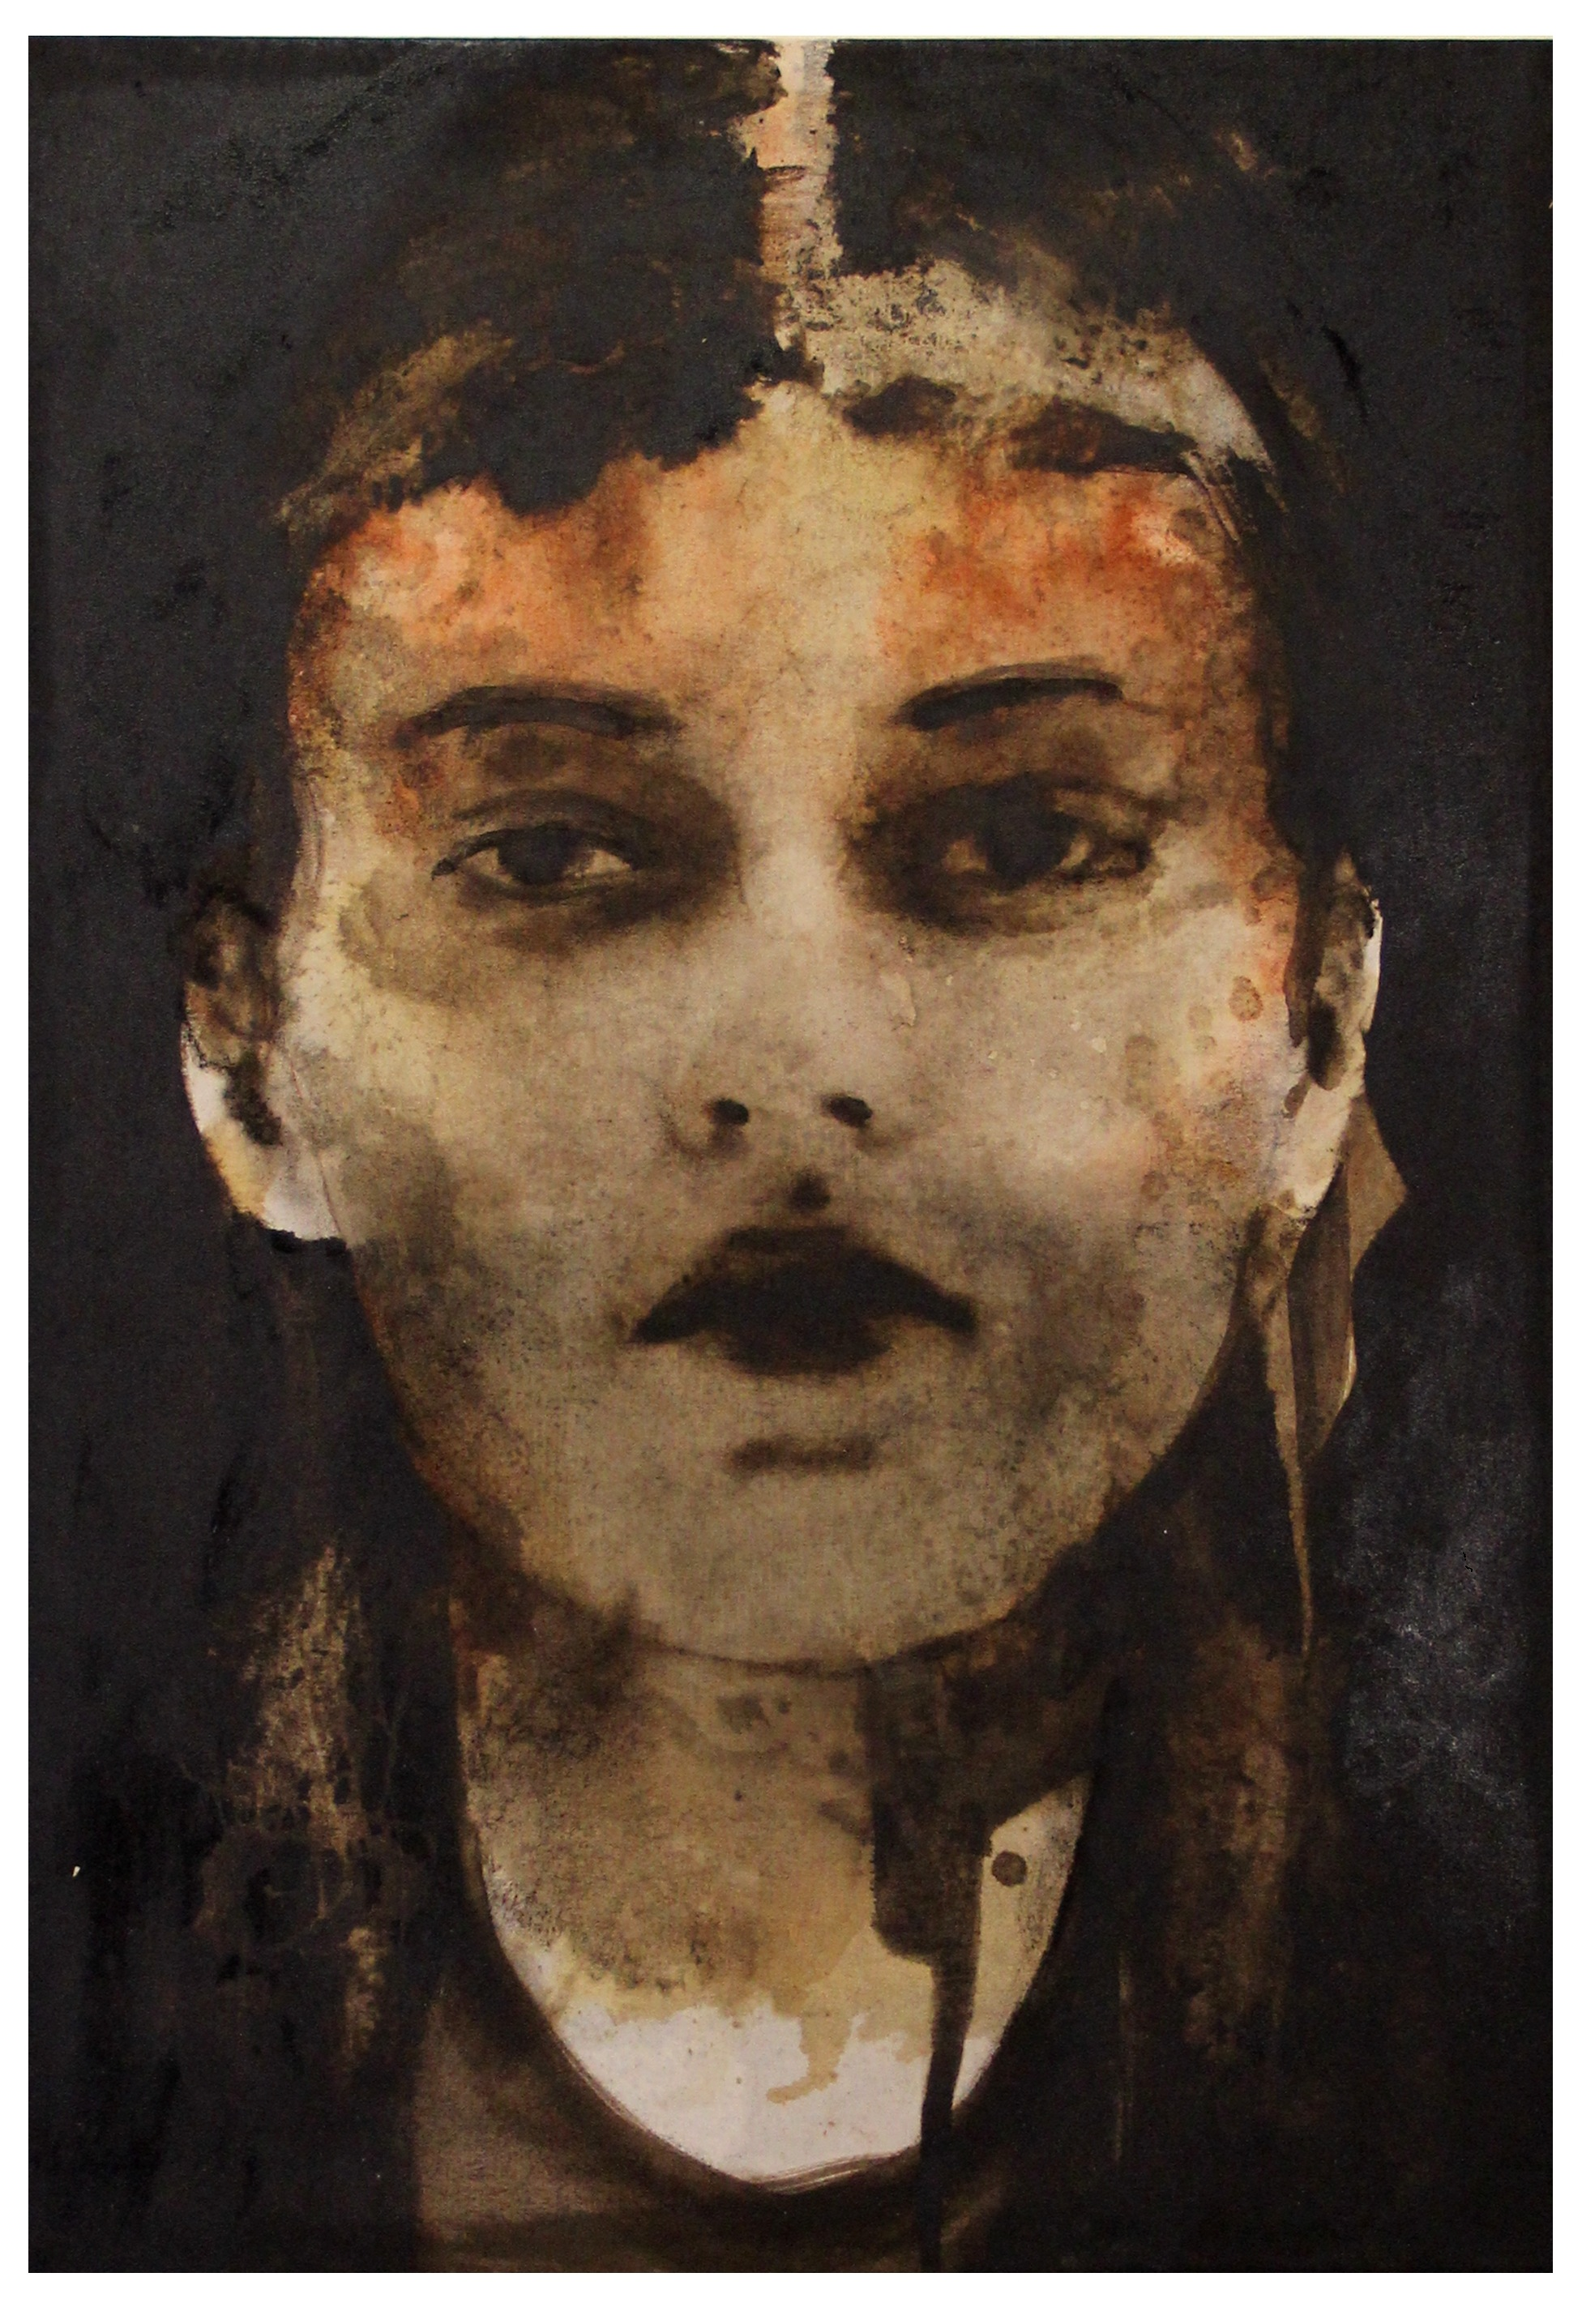 Emile, 2015, bitume, carboncino e sanguigna su tela, cm 70x100